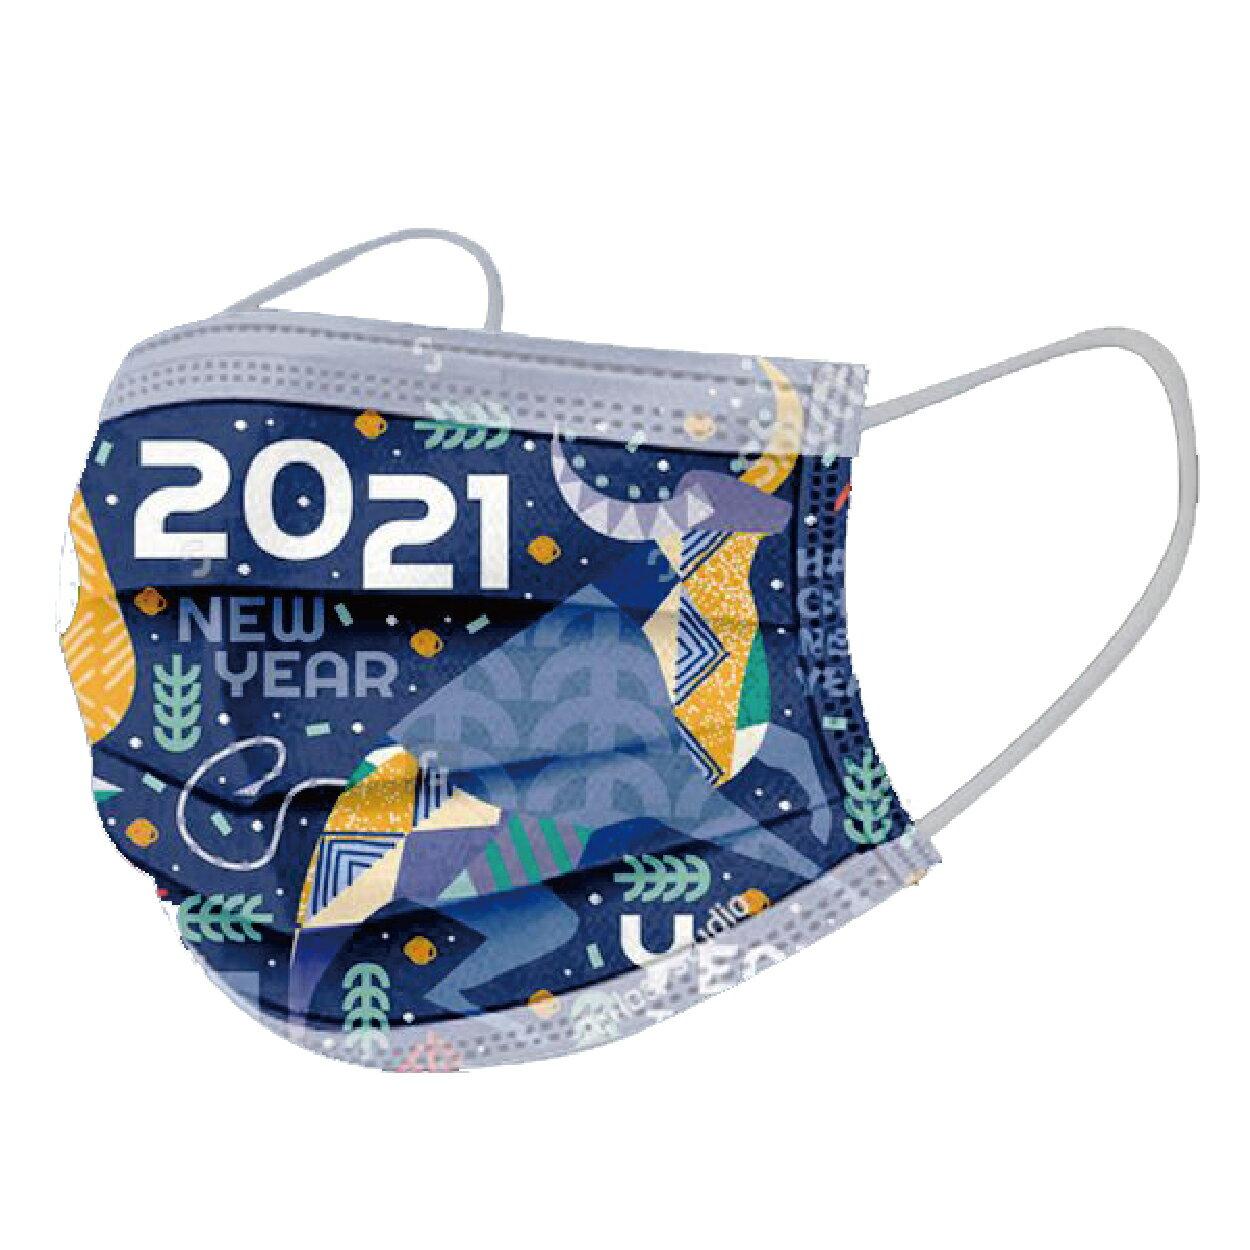 【文賀生技】【現貨】台灣製 雙鋼印 三層防護 口罩 新年快樂 2021 牛轉錢坤 牛來運轉 20片/盒